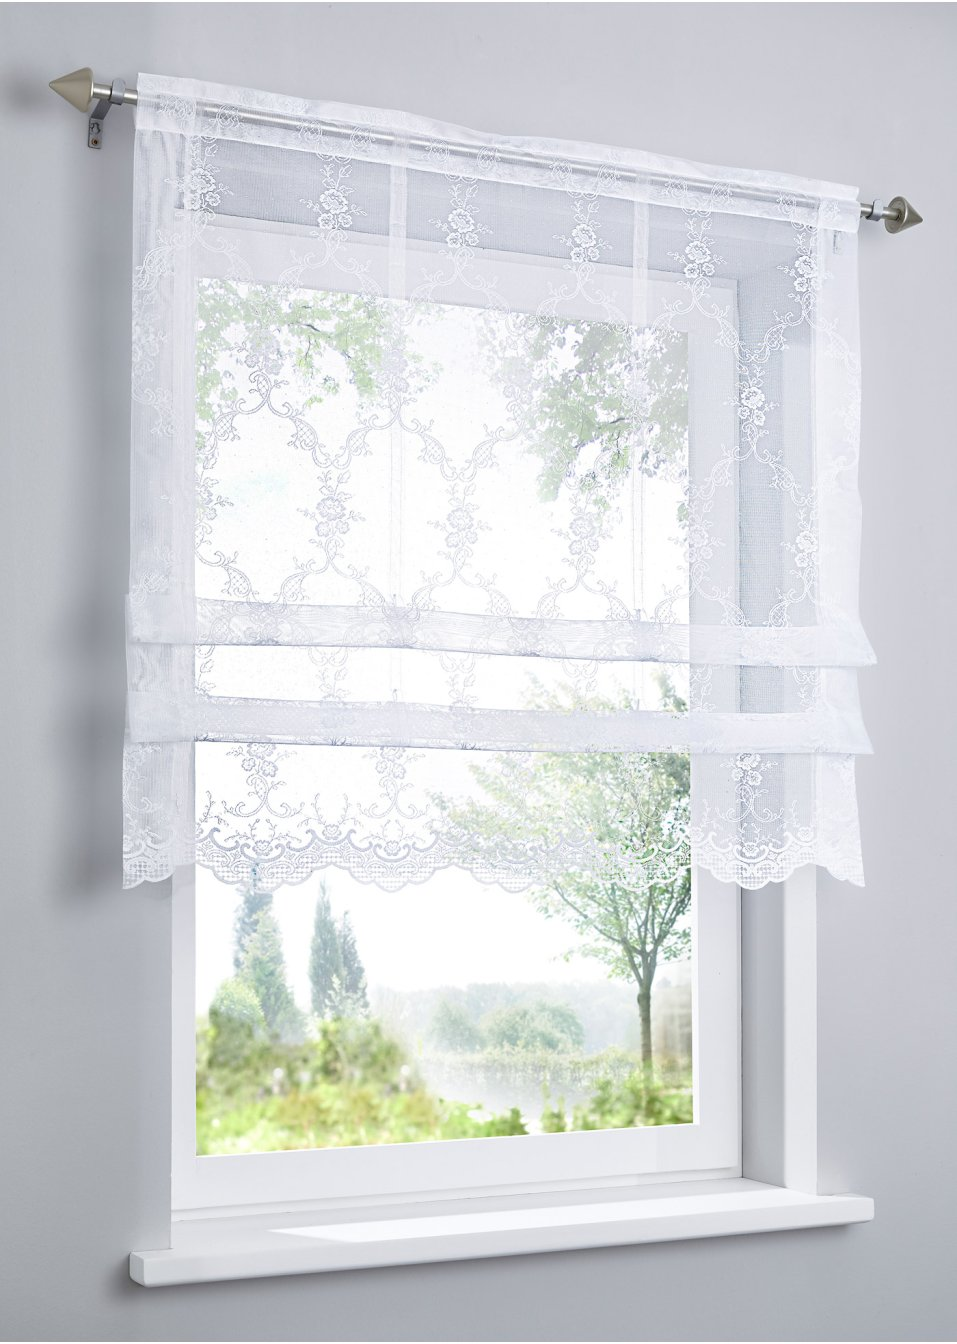 Full Size of Gardinen Doppelfenster Edle Optik Wei Für Schlafzimmer Küche Die Wohnzimmer Scheibengardinen Fenster Wohnzimmer Gardinen Doppelfenster